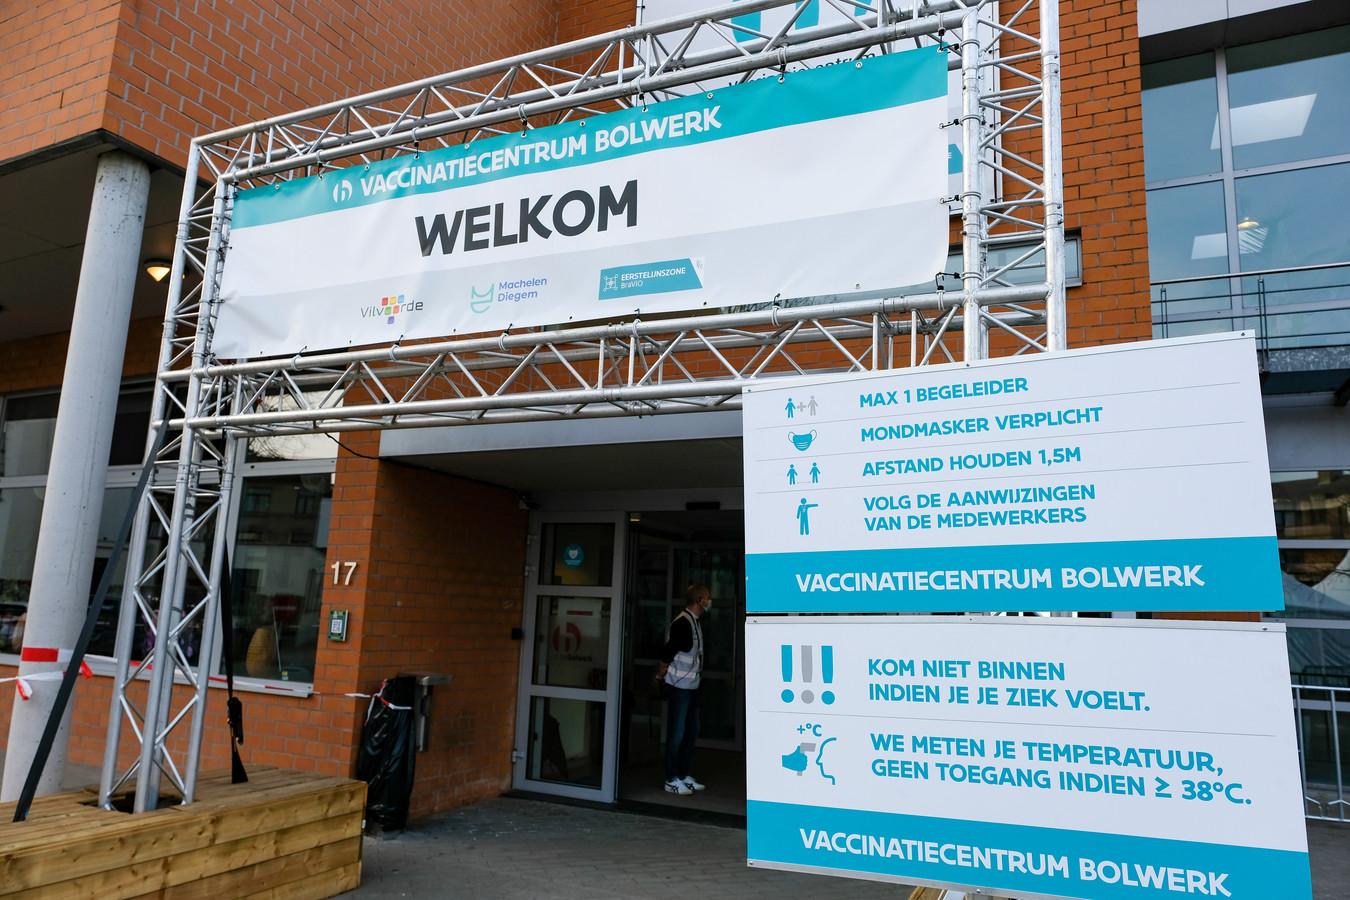 Vaccinatiecentrum Bolwerk in Vilvoorde.